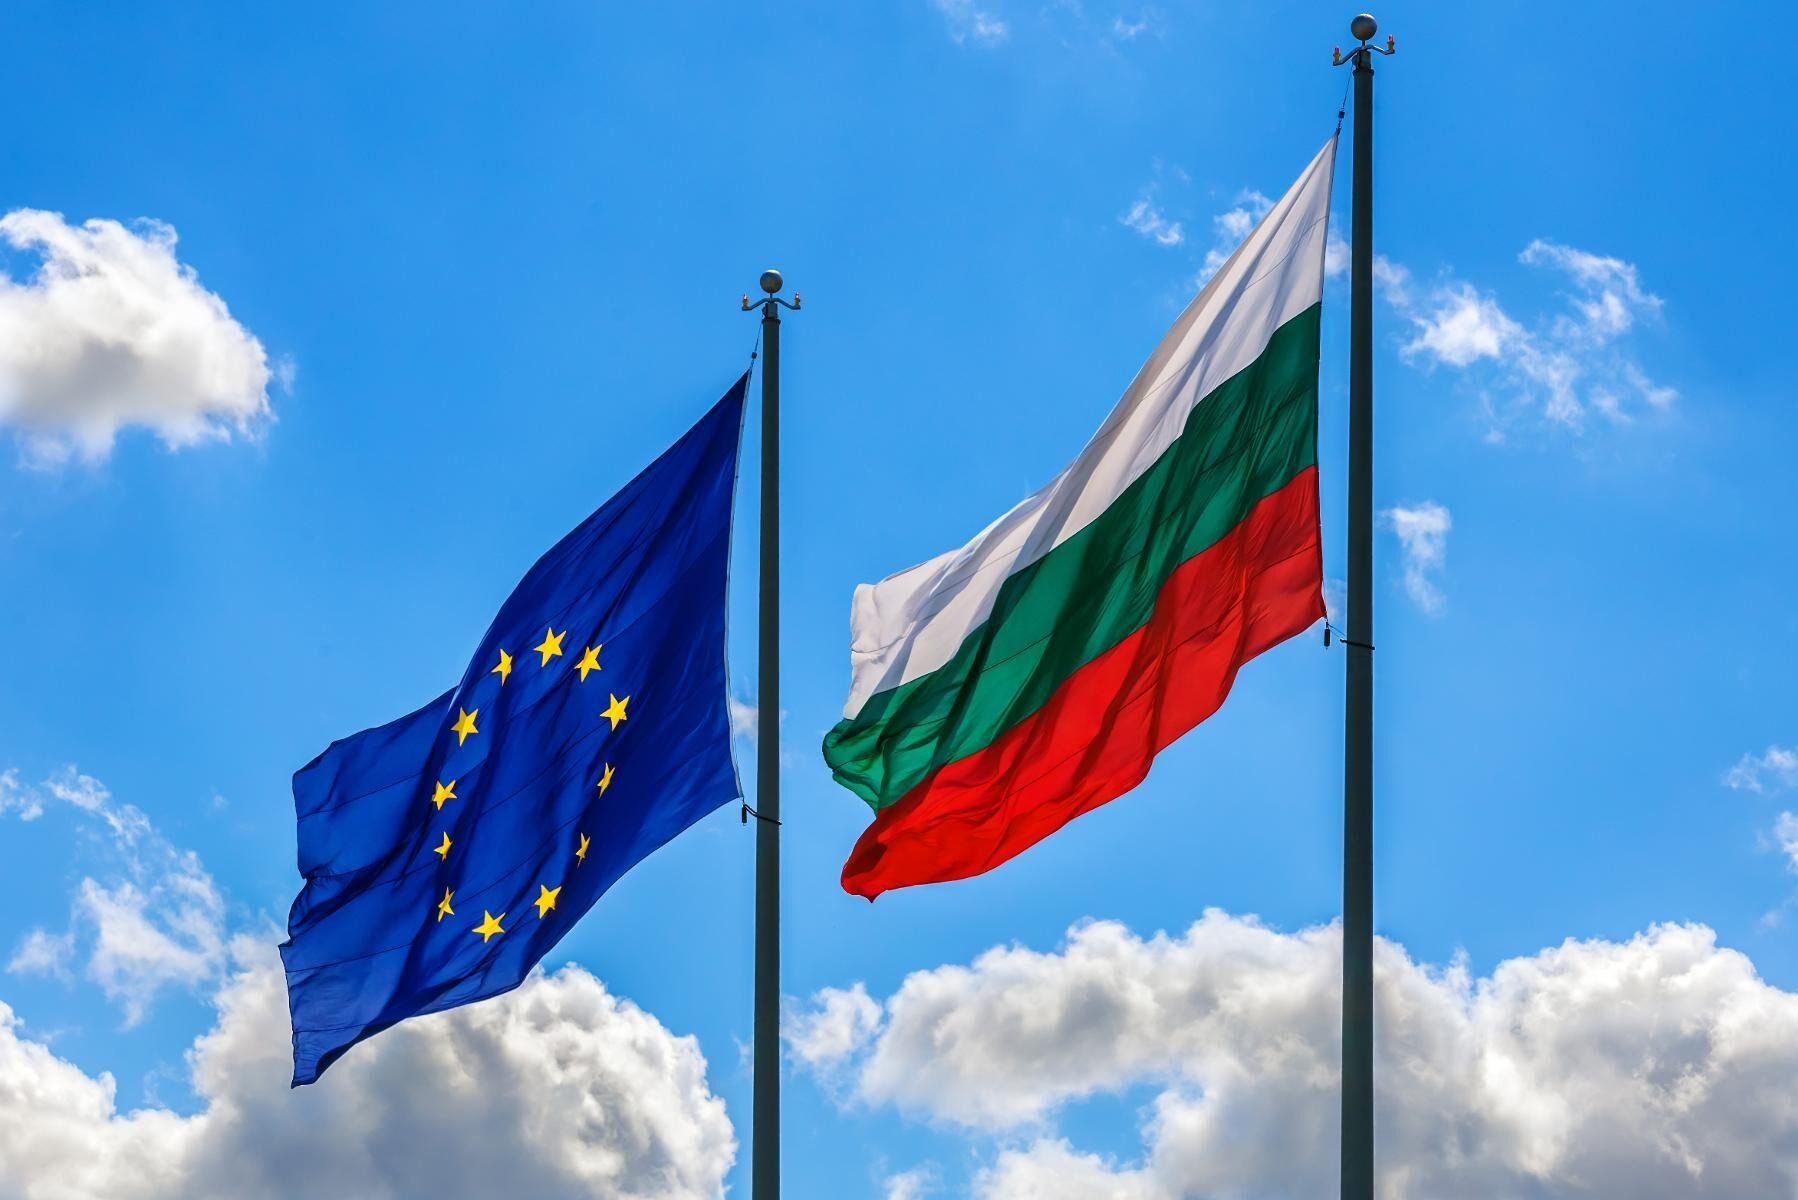 Pandemin har förstärkt vikten av att den fria rörligheten på den inre marknaden upprätthålls, enligt EU-kommissionen.